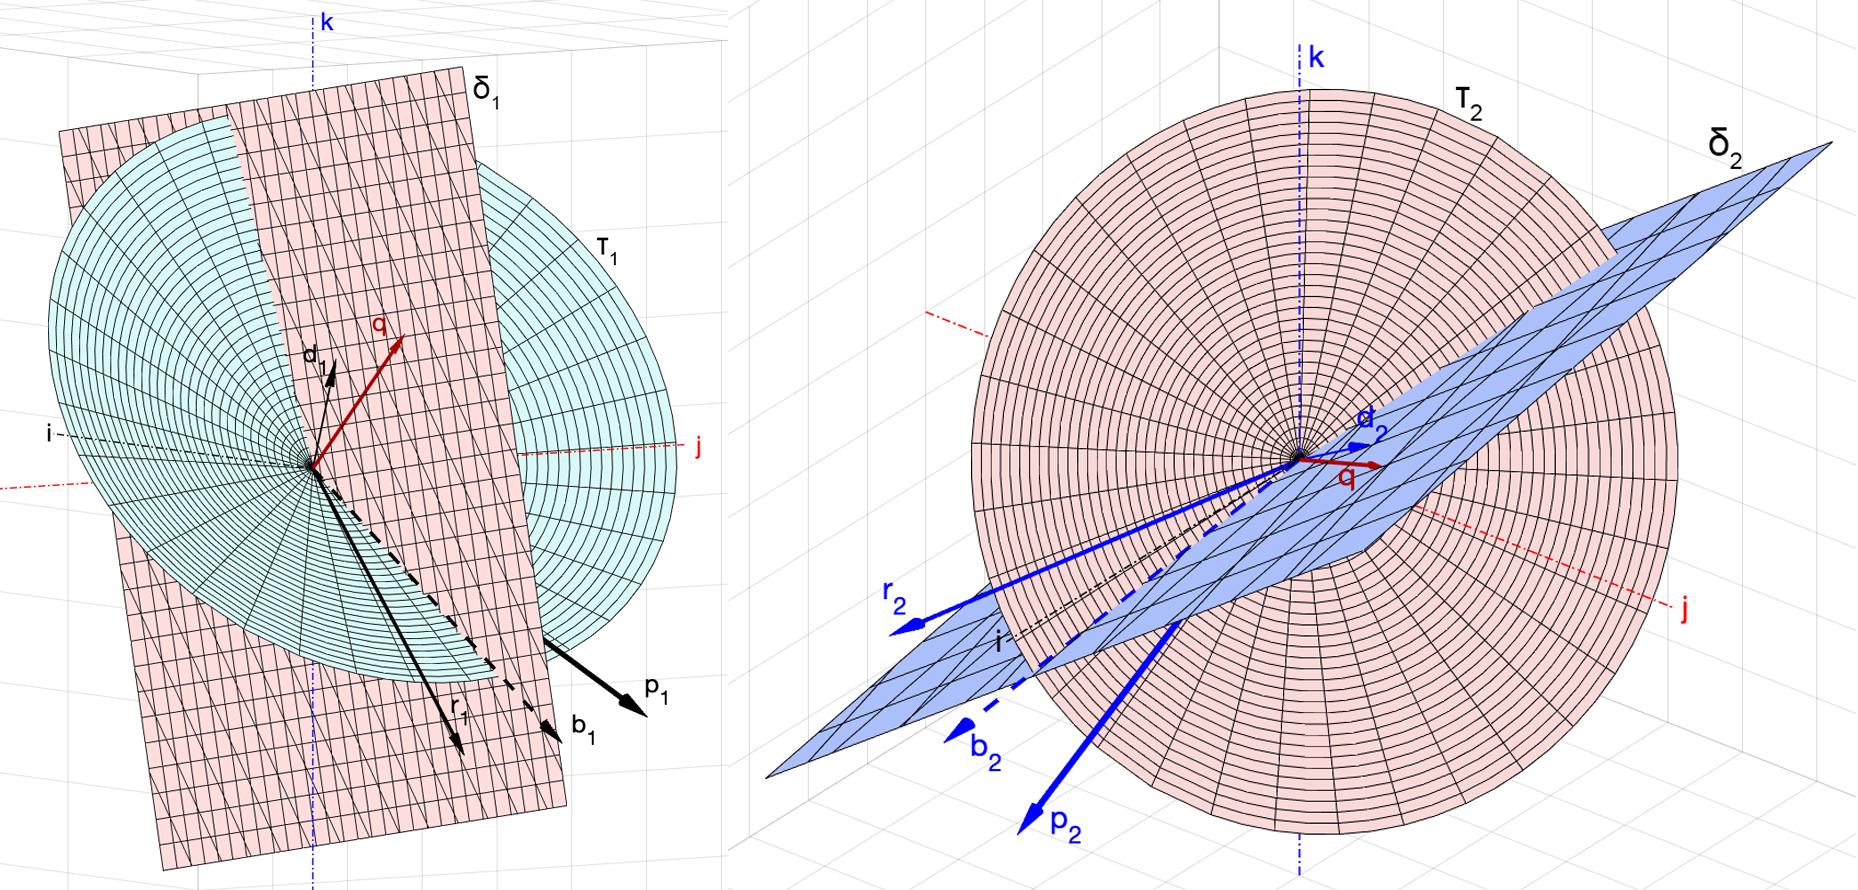 Рис. 6. Плоскости векторов b и d